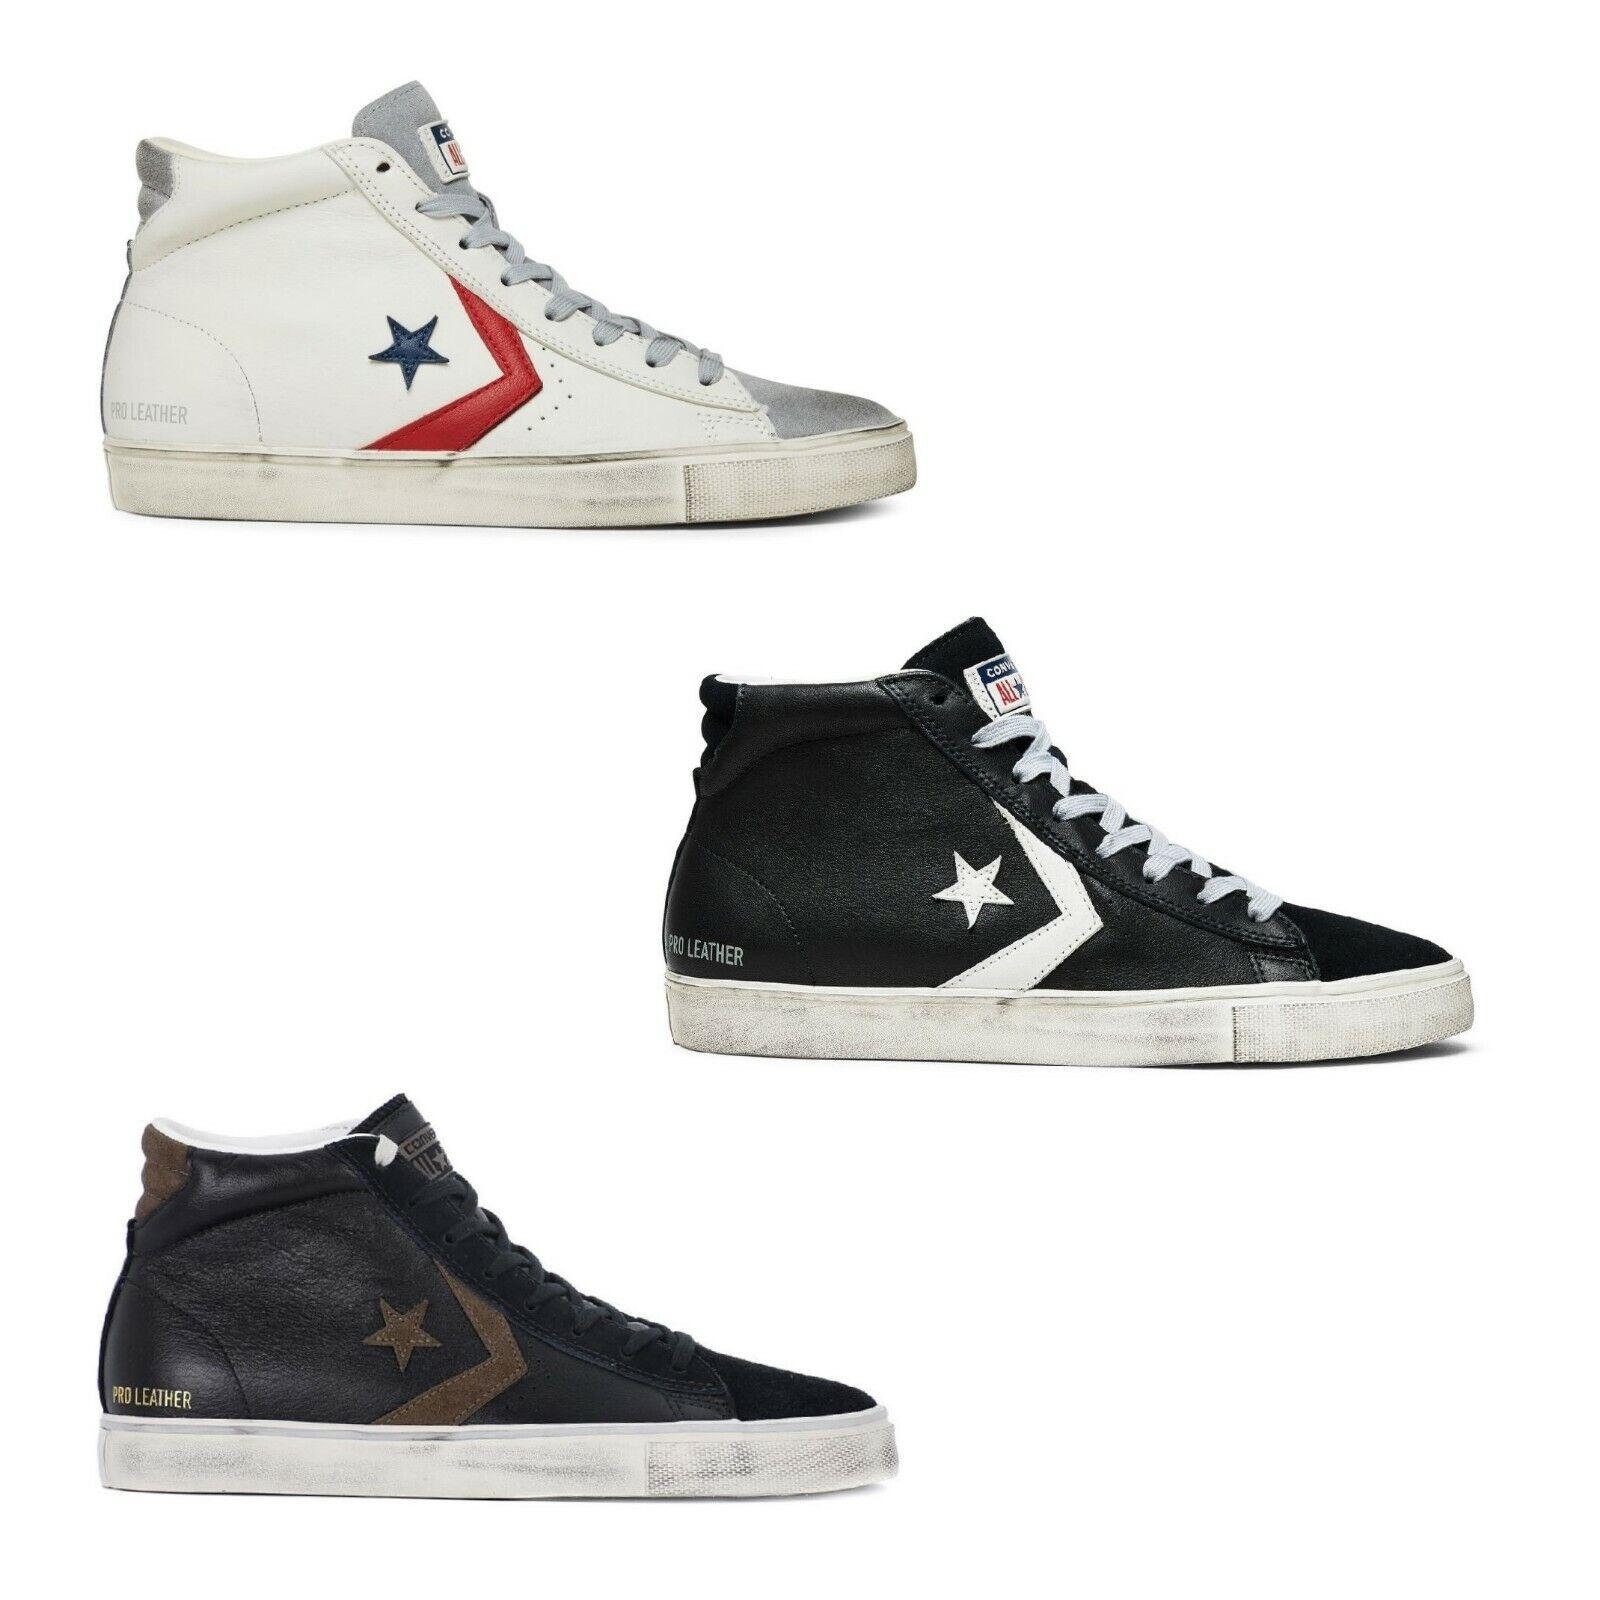 Converse Pro Leather Vulc Distressed Mi scarpe ginnastica uomo donna nera 158923